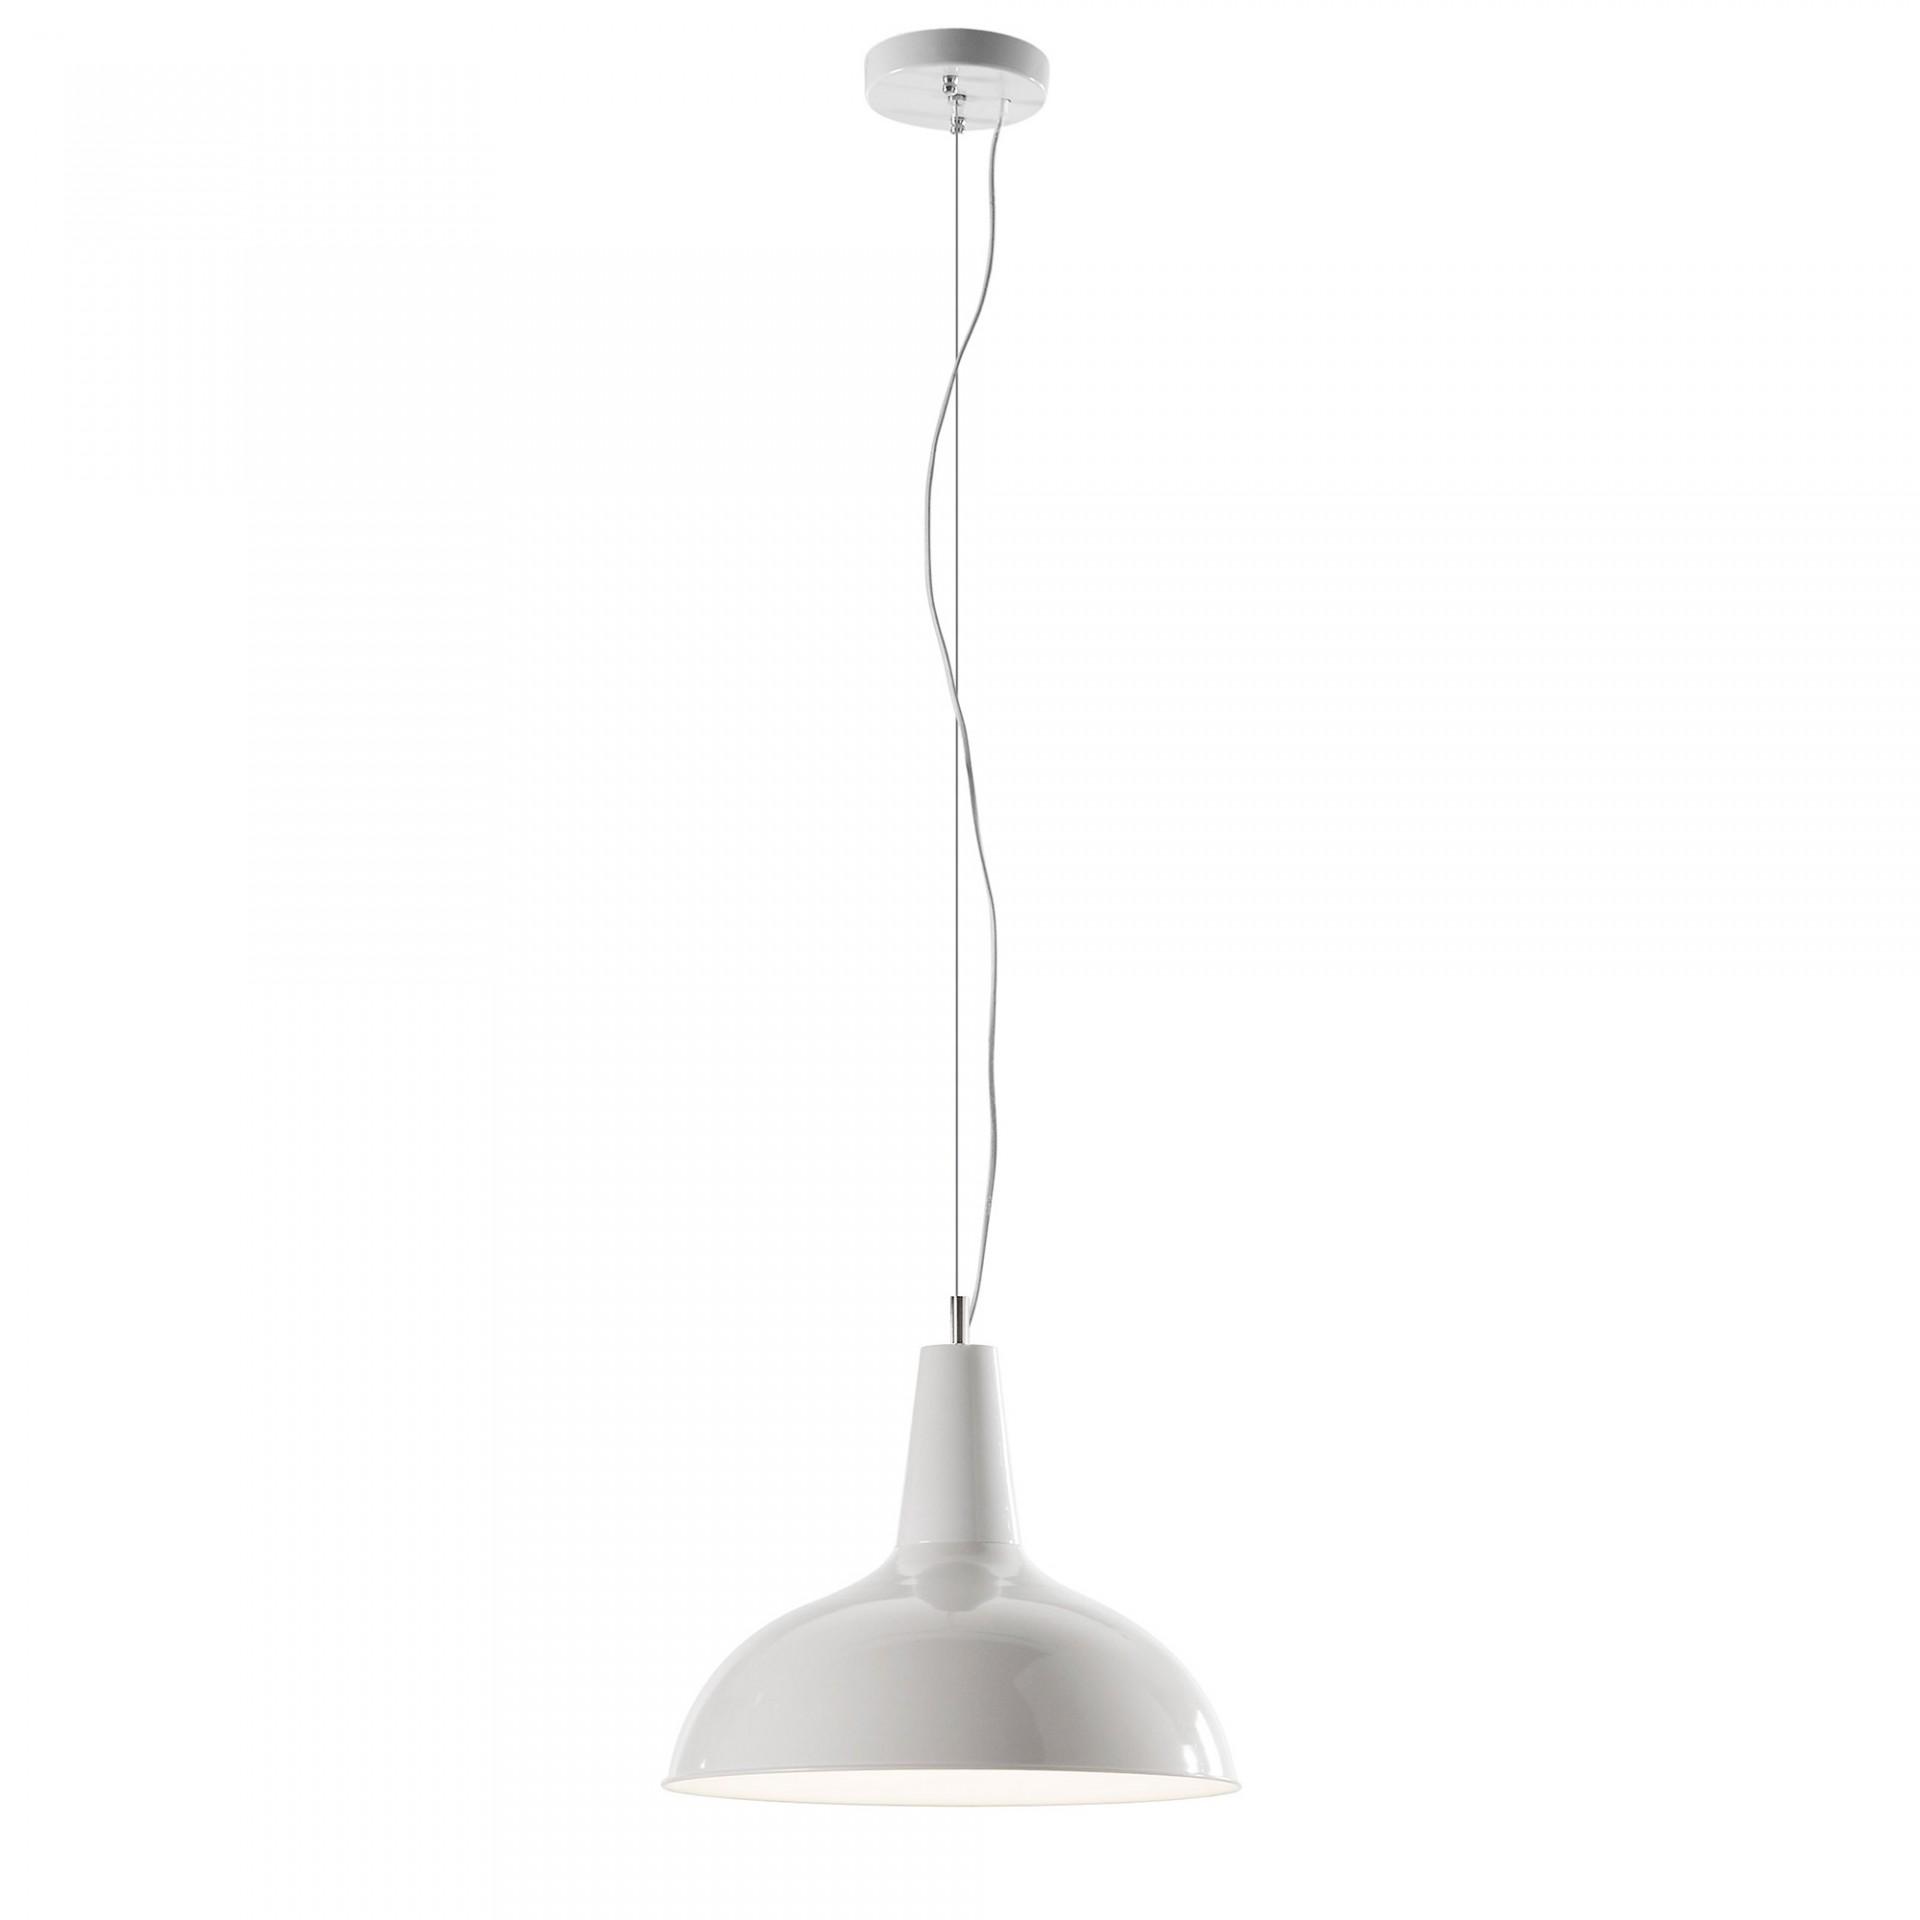 Candeeiro de tecto, metal, branco, Ø41x33 cm